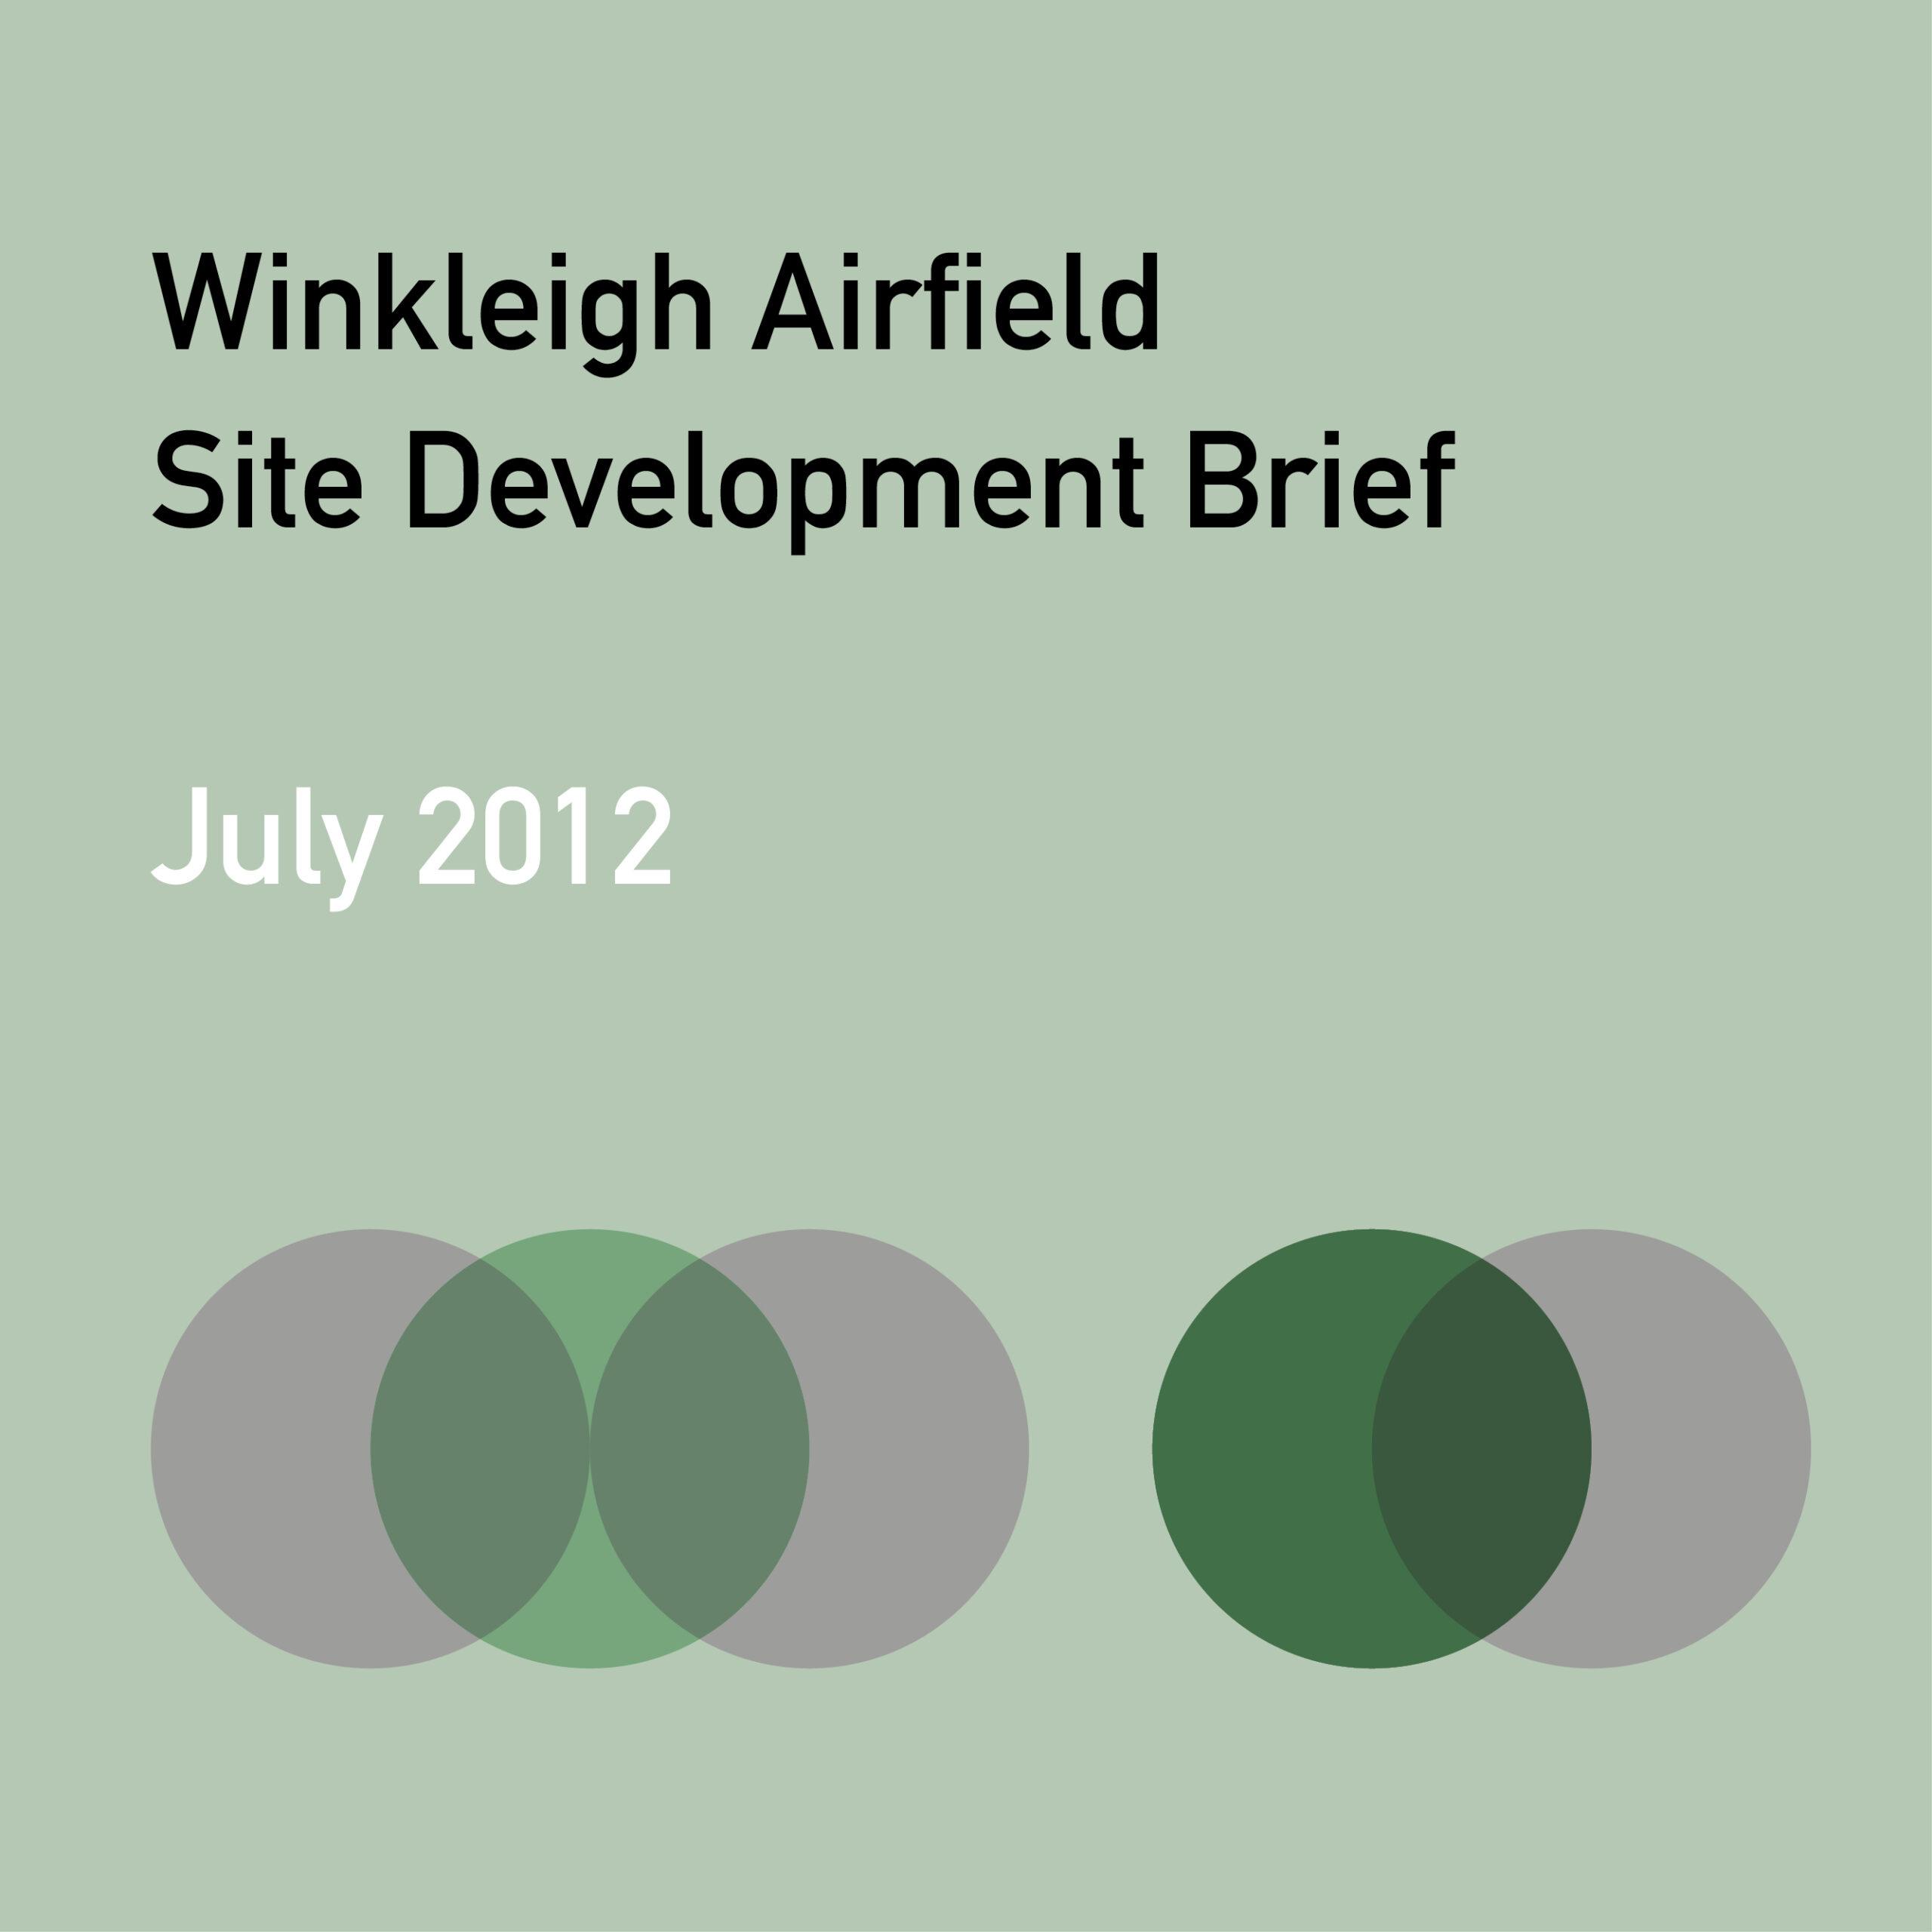 Winkleigh Airfield Site Development Brief